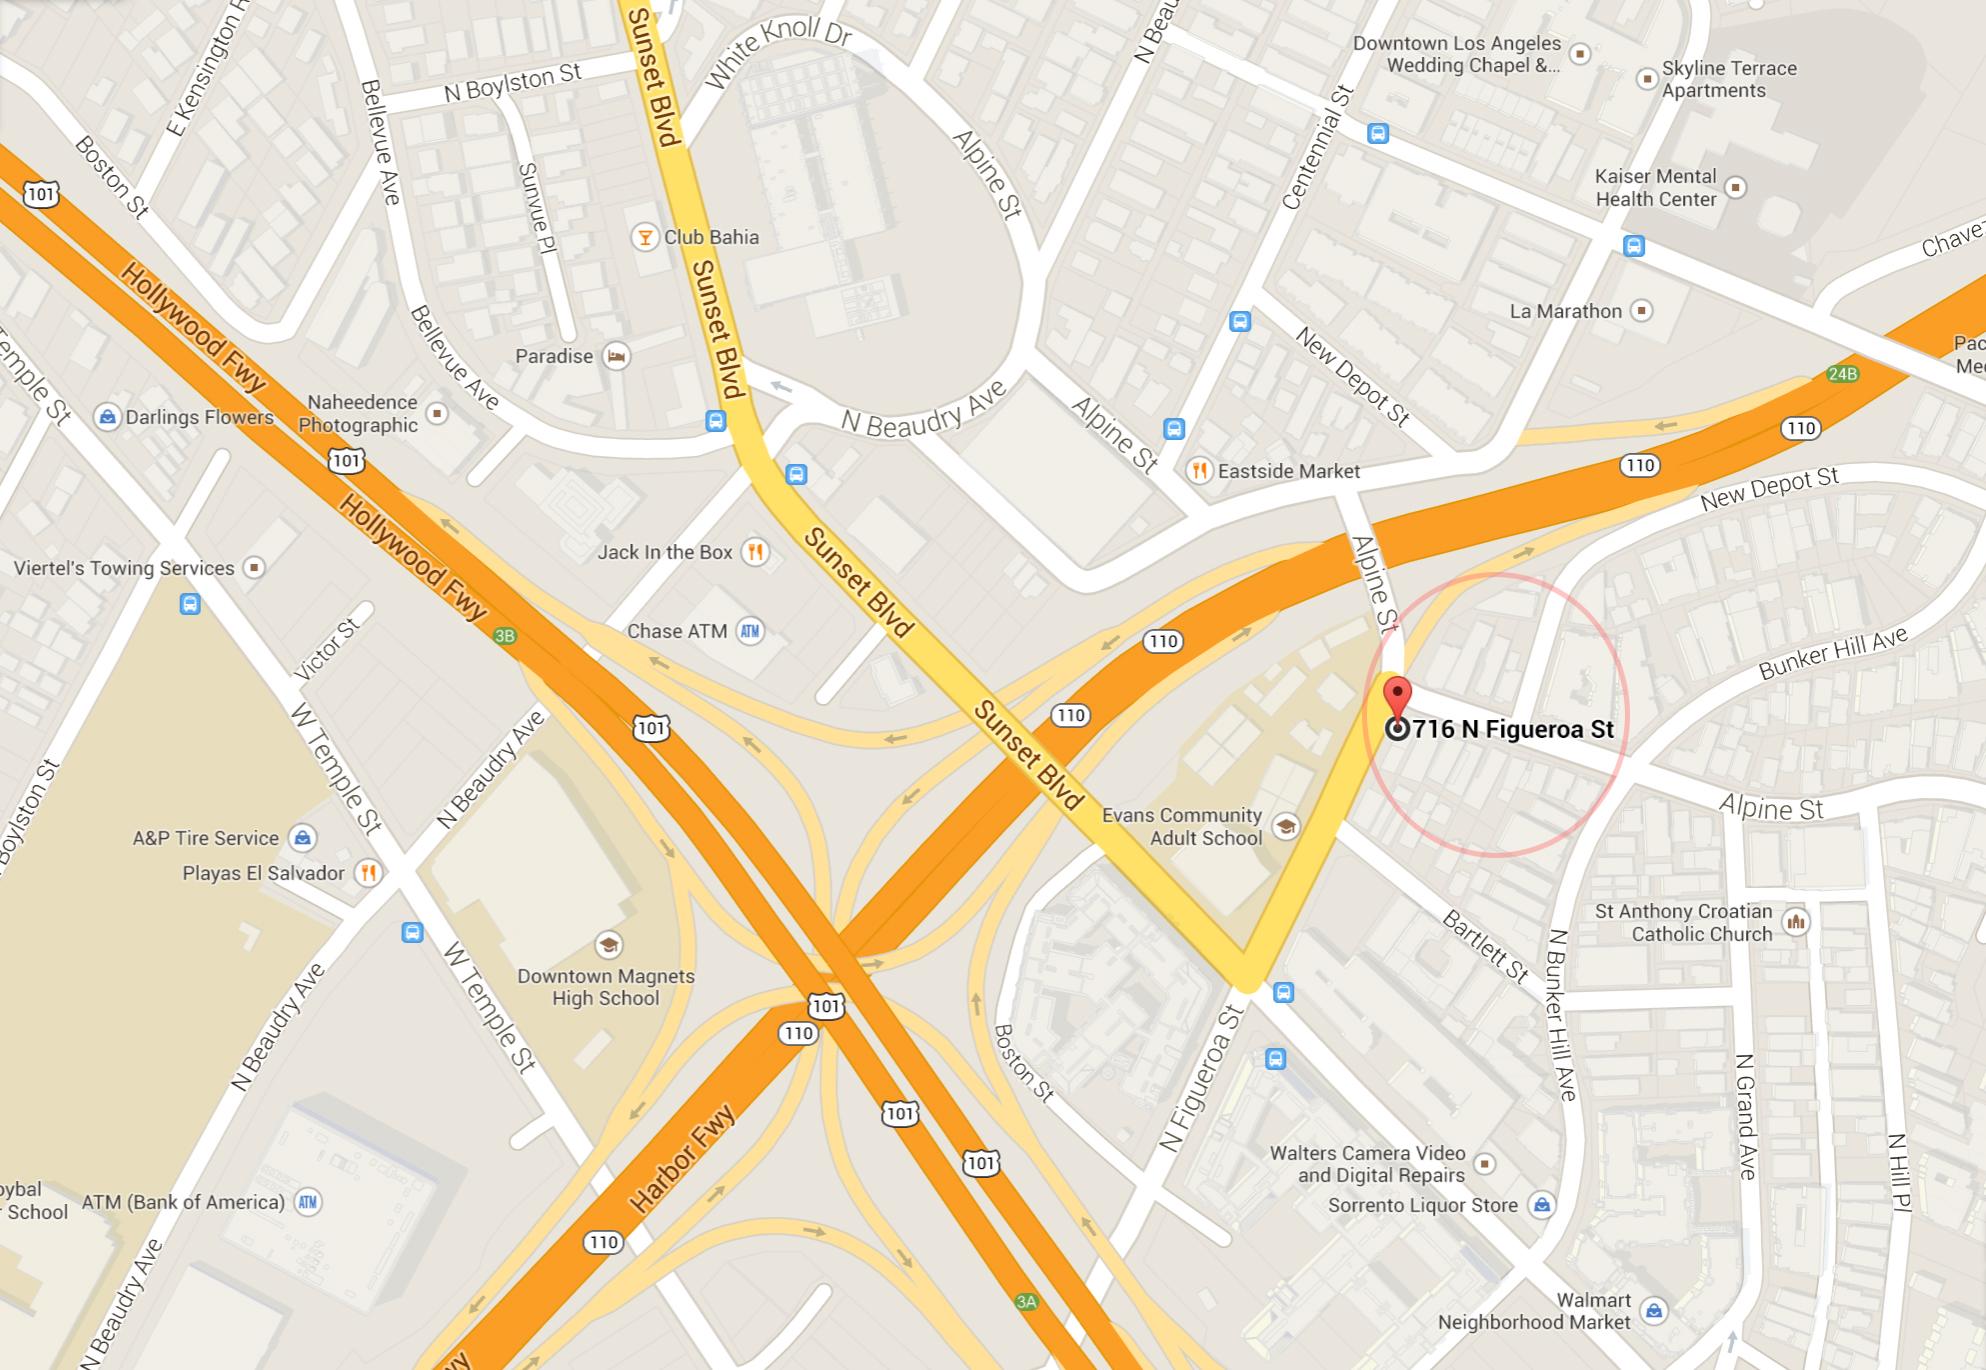 SSG-googlemap-01.jpg